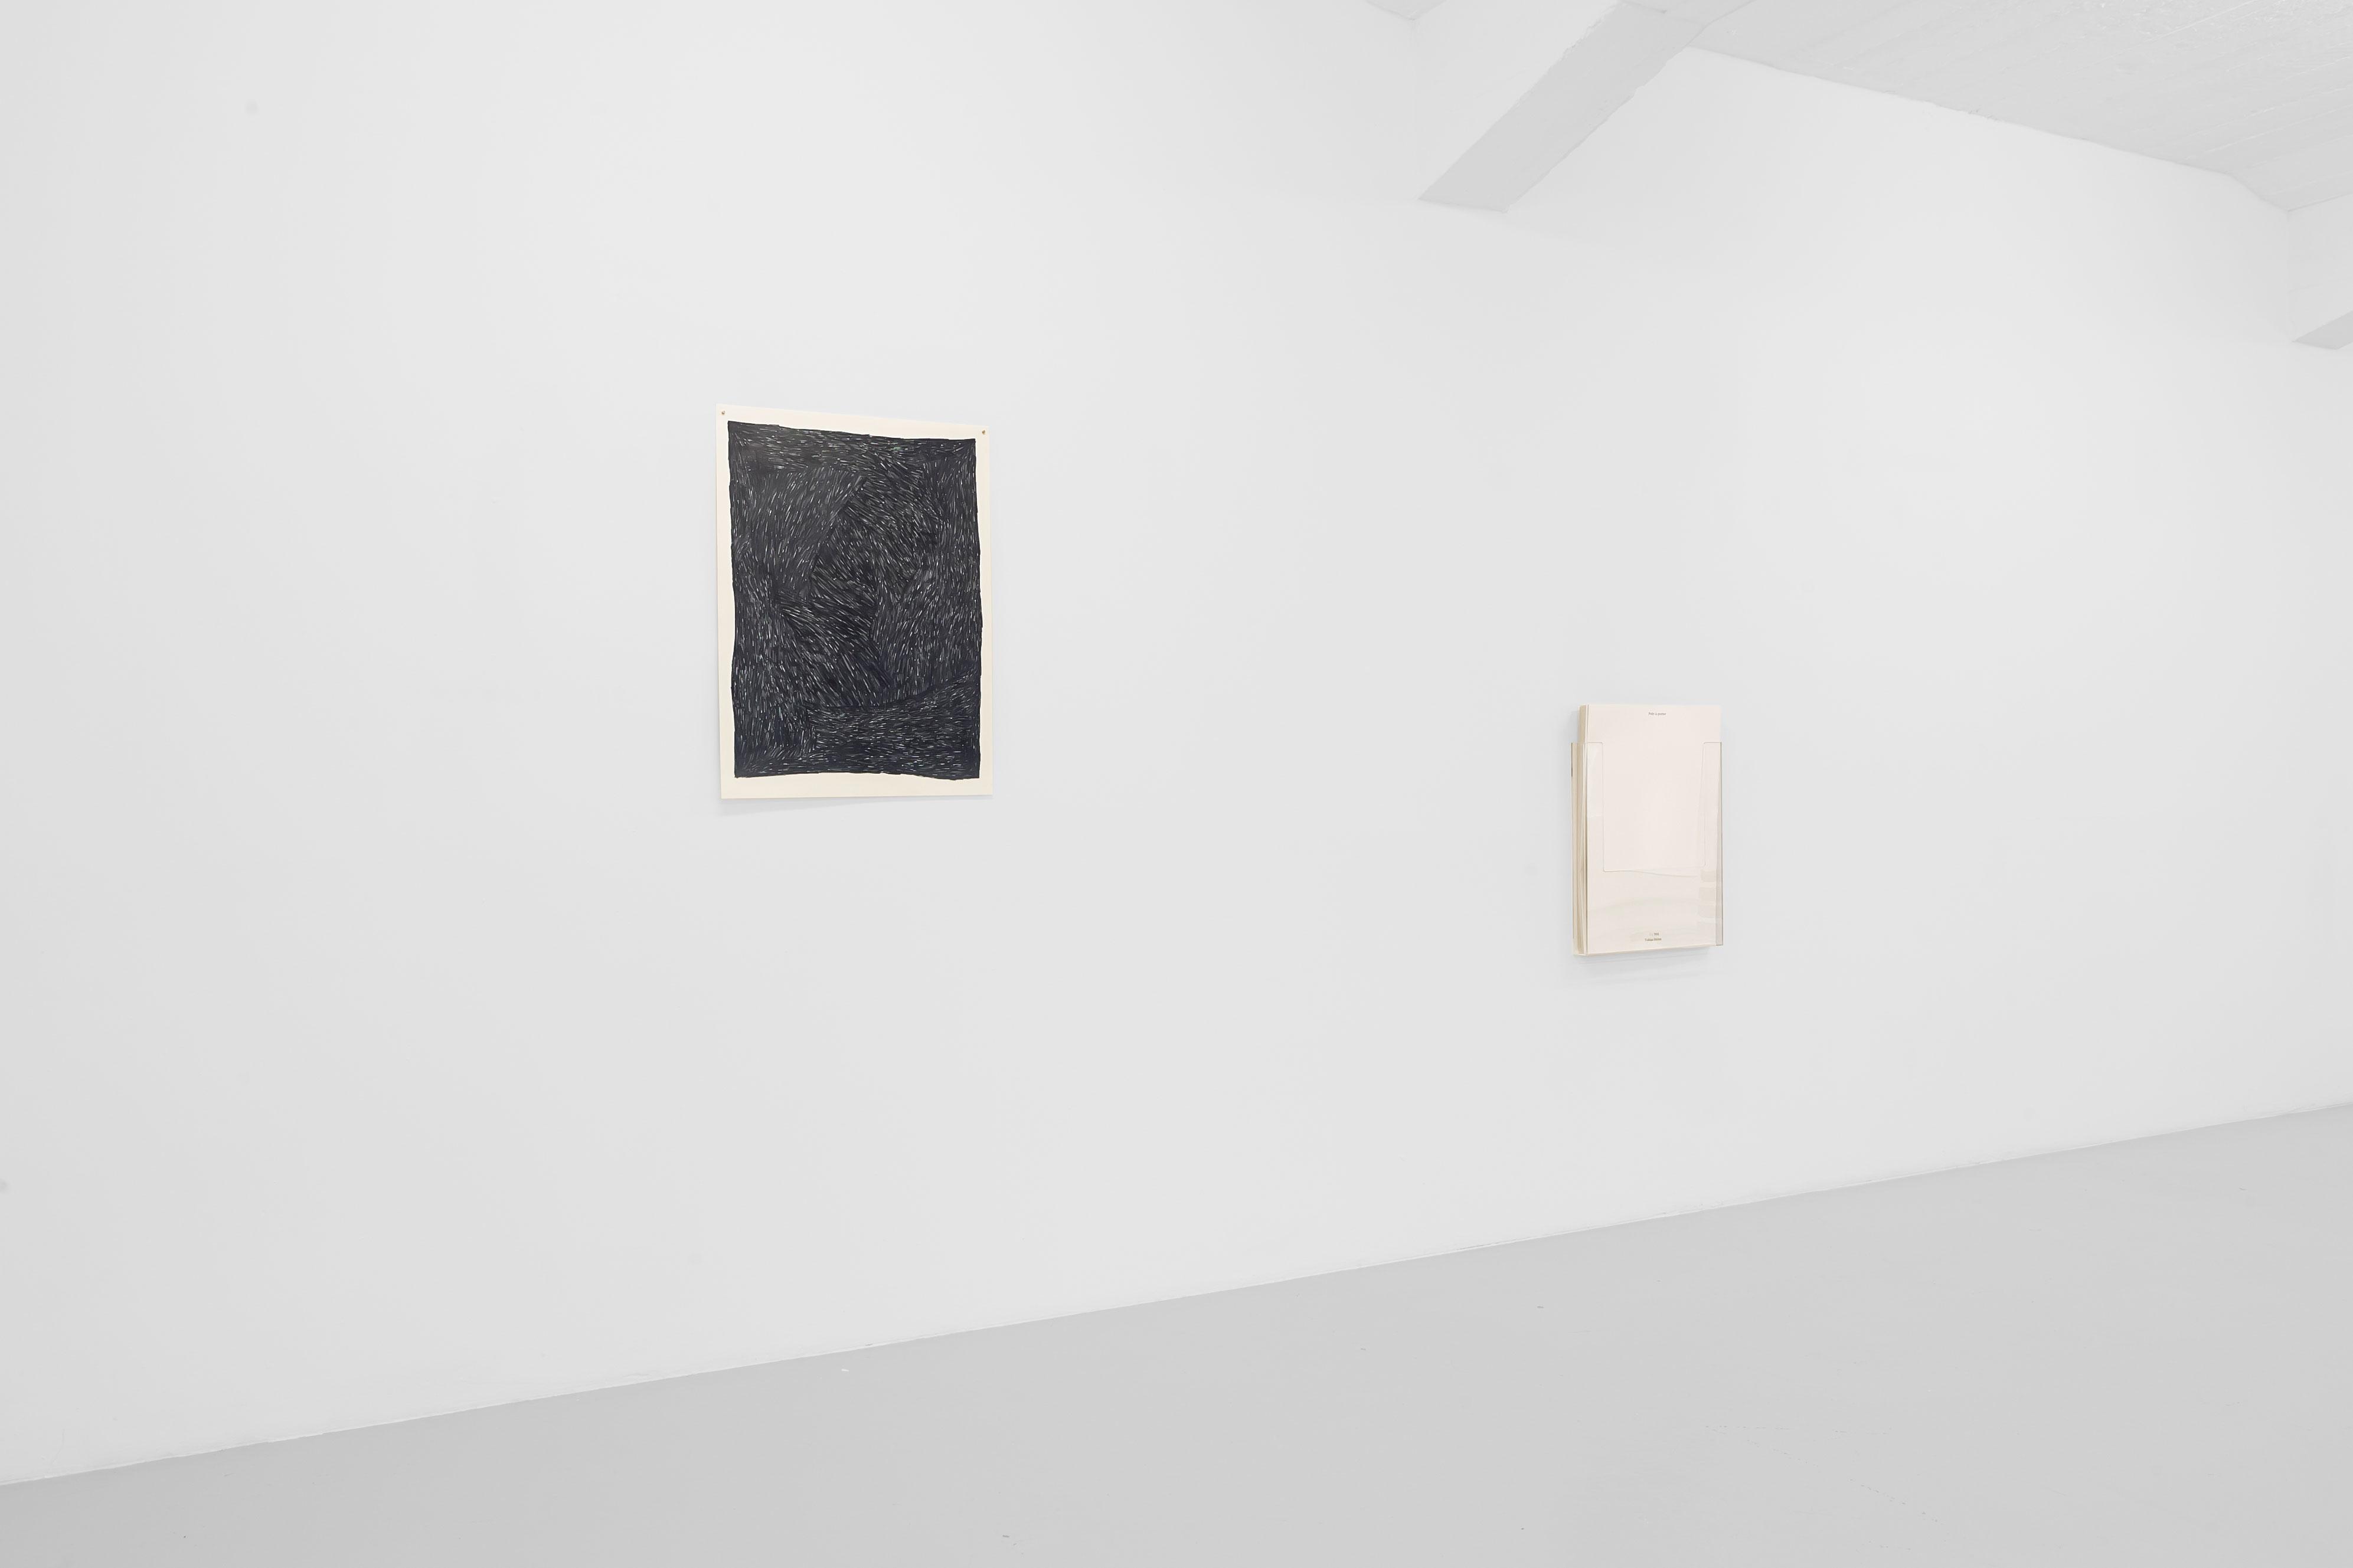 Franziska-von-den-Driesch_Tobias-Heine_Künstlerhaus-am-Deich_002